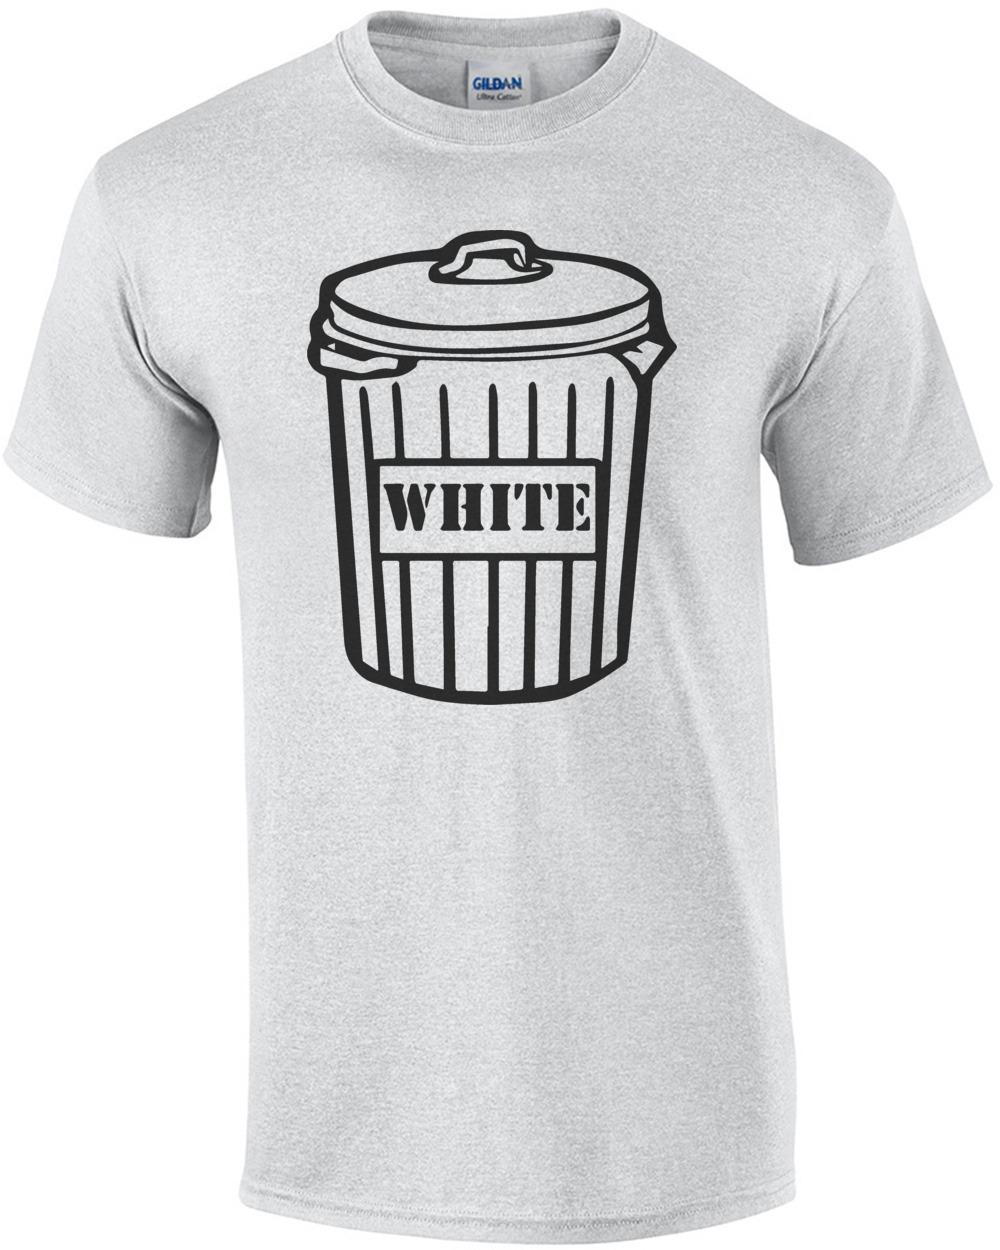 df5f28cb2 White Trash - Funny T-Shirt shirt